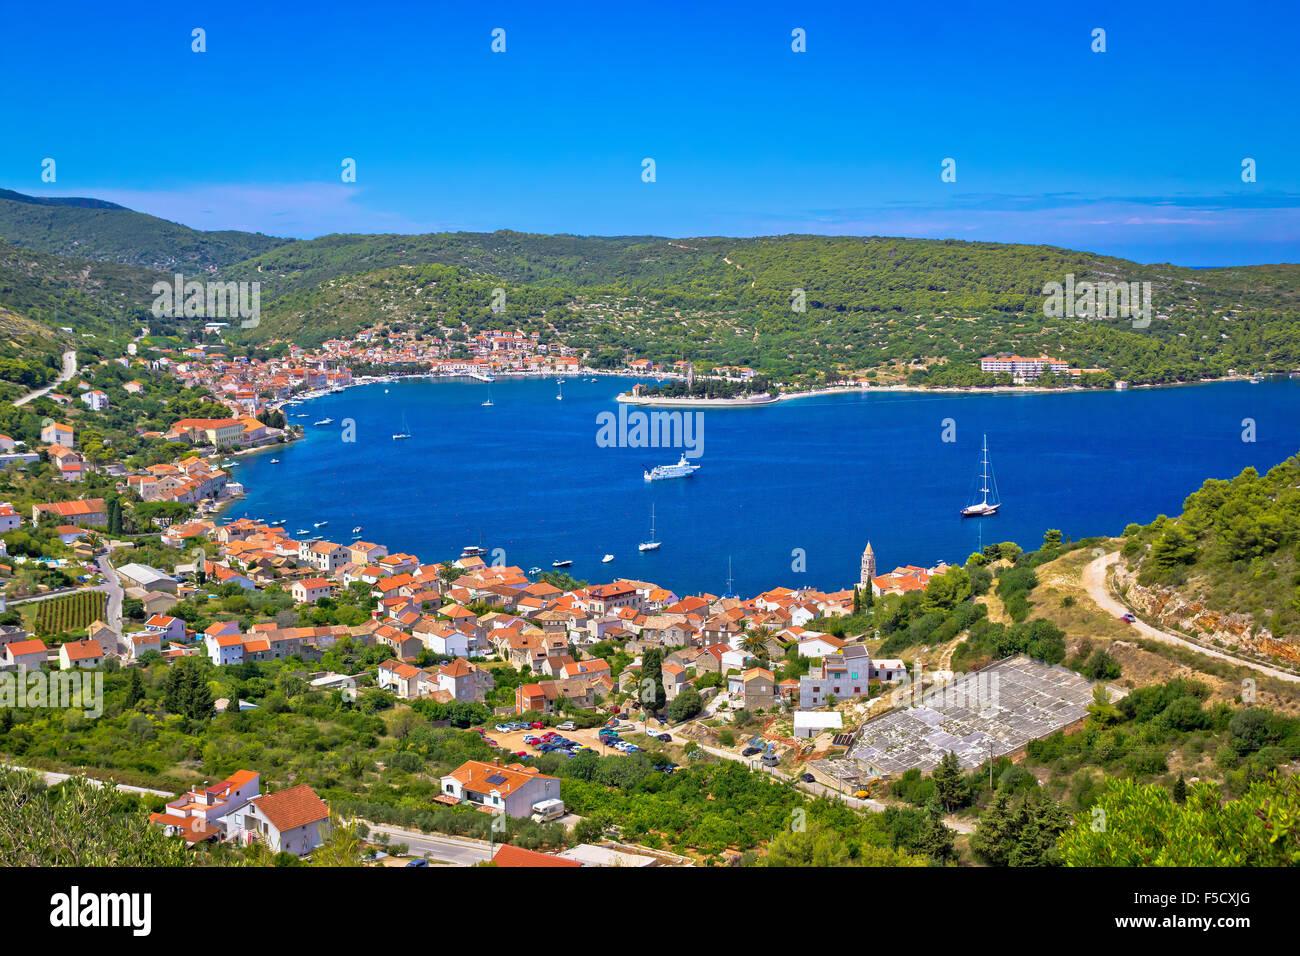 Island of Vis bay aerial view, Dalmatia, Croatia - Stock Image